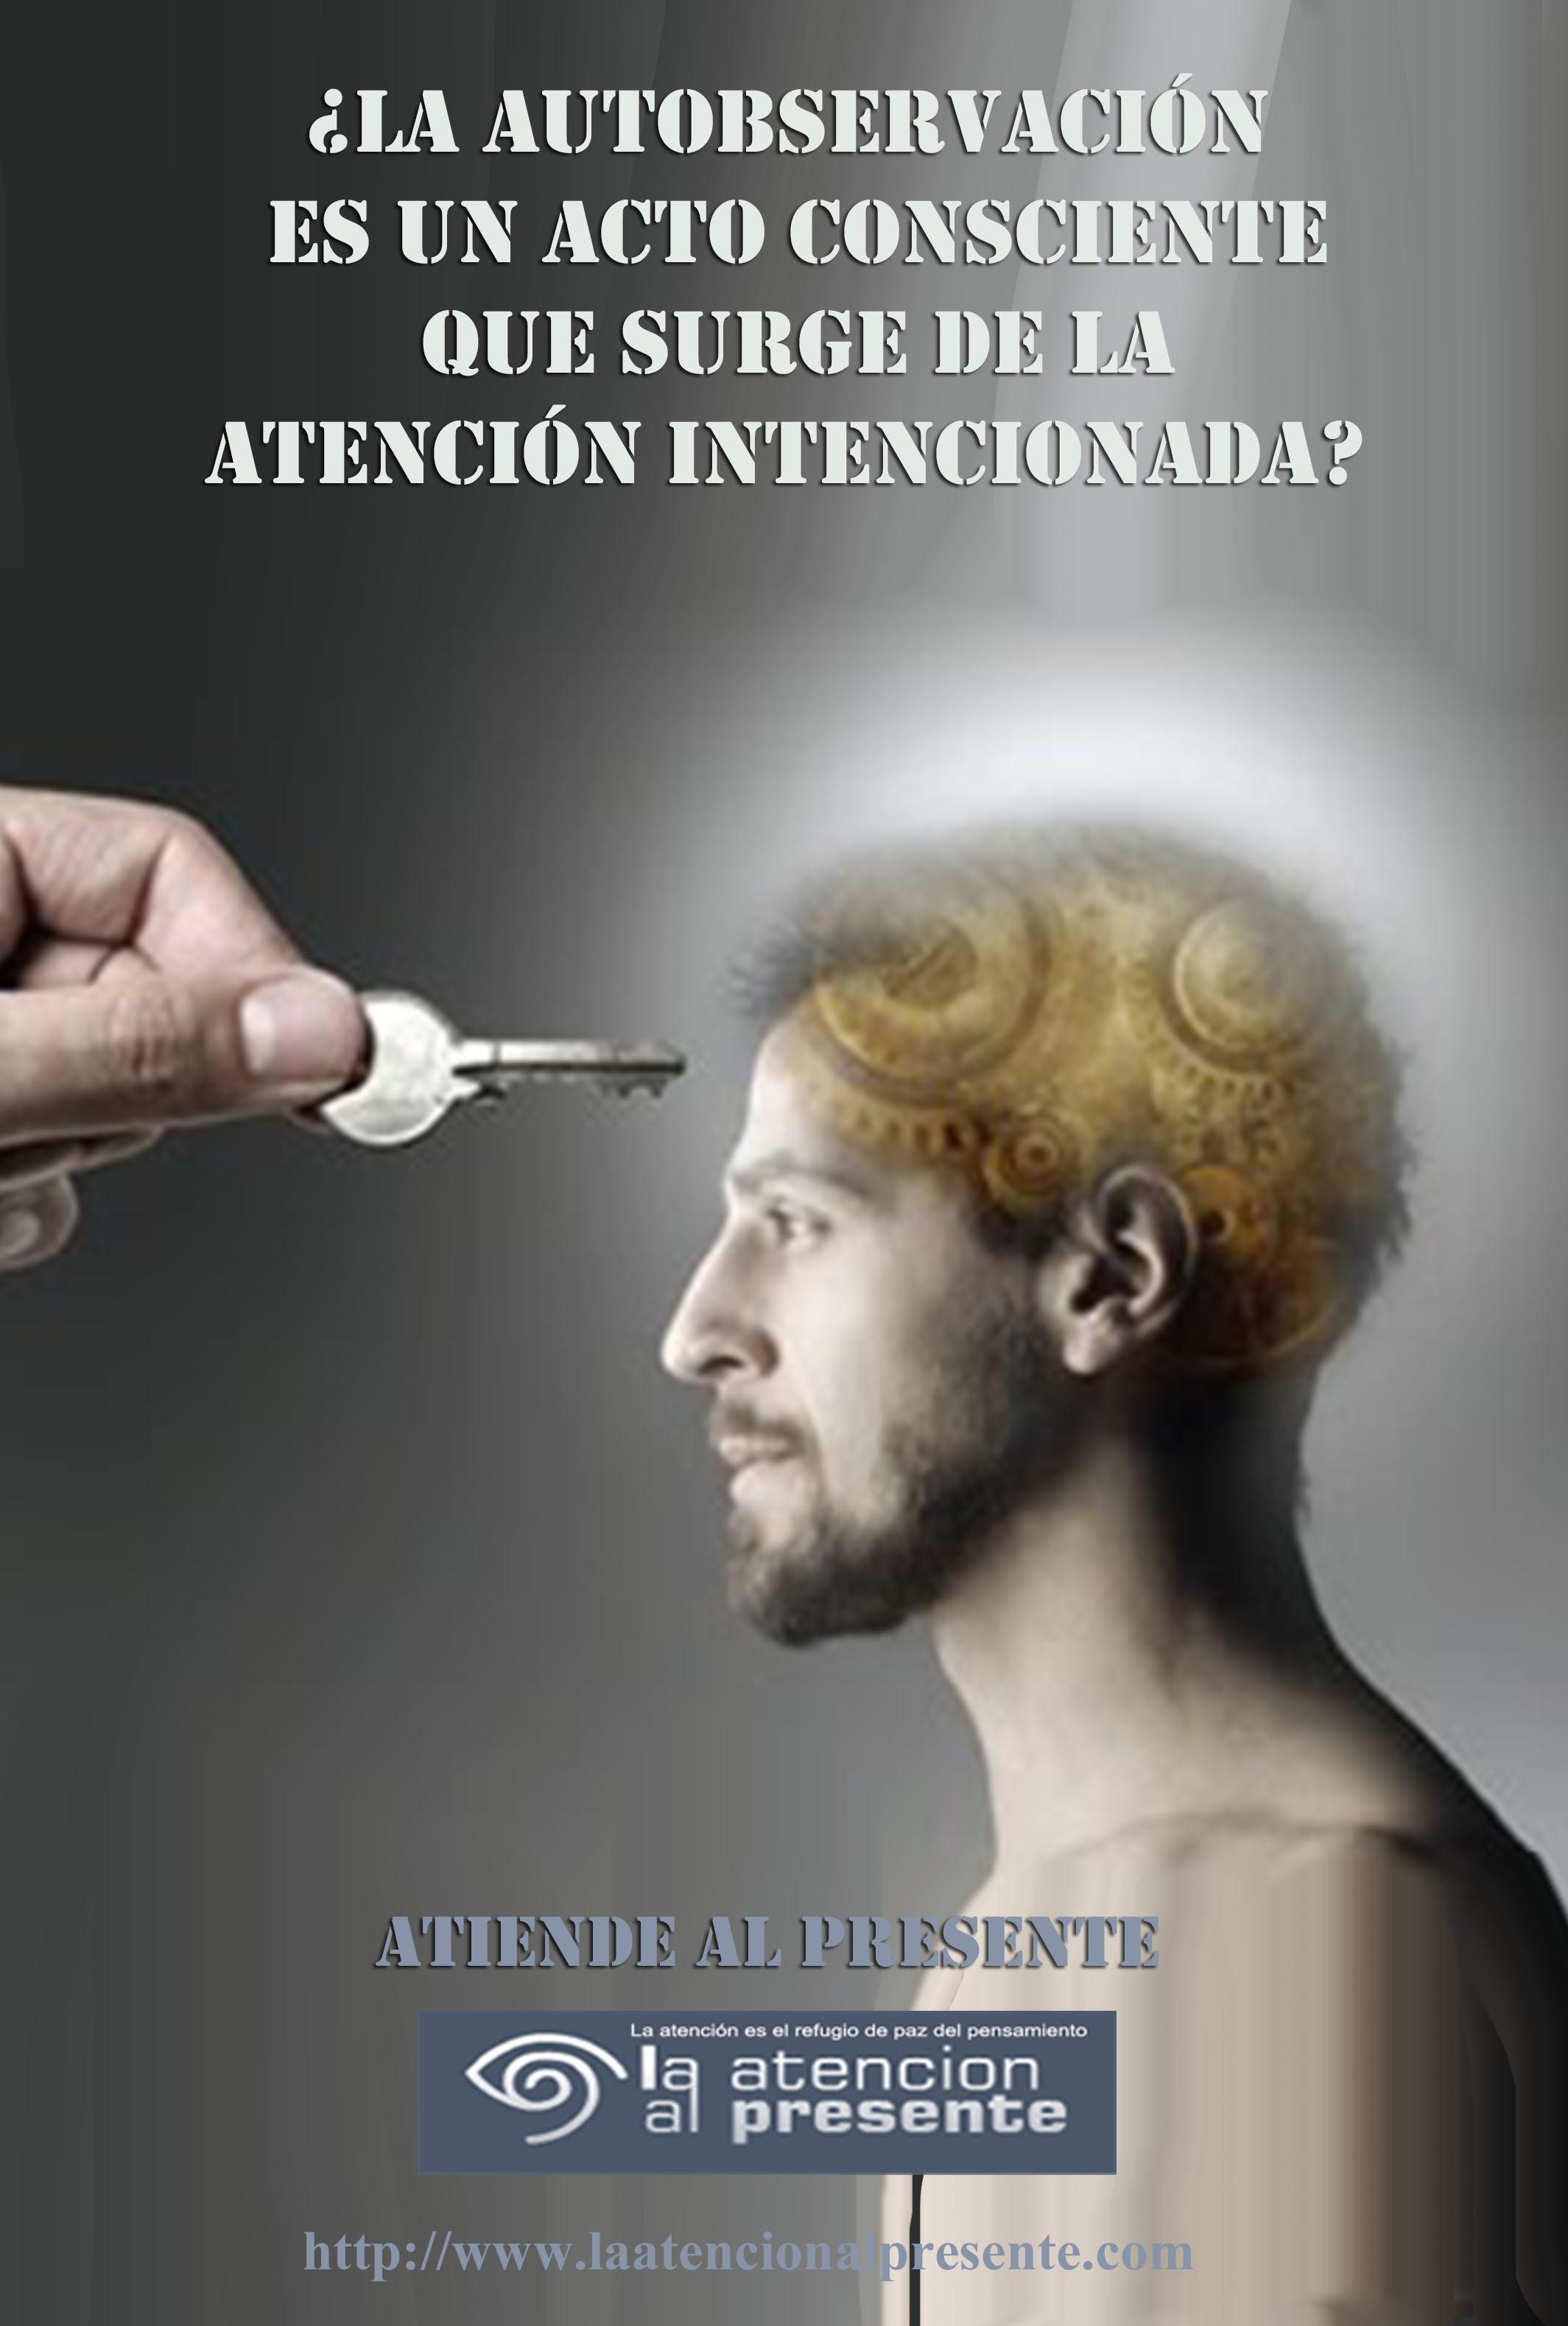 17 de febrero Esteban La autobservación es un acto consciente que surge de la atención intencionada